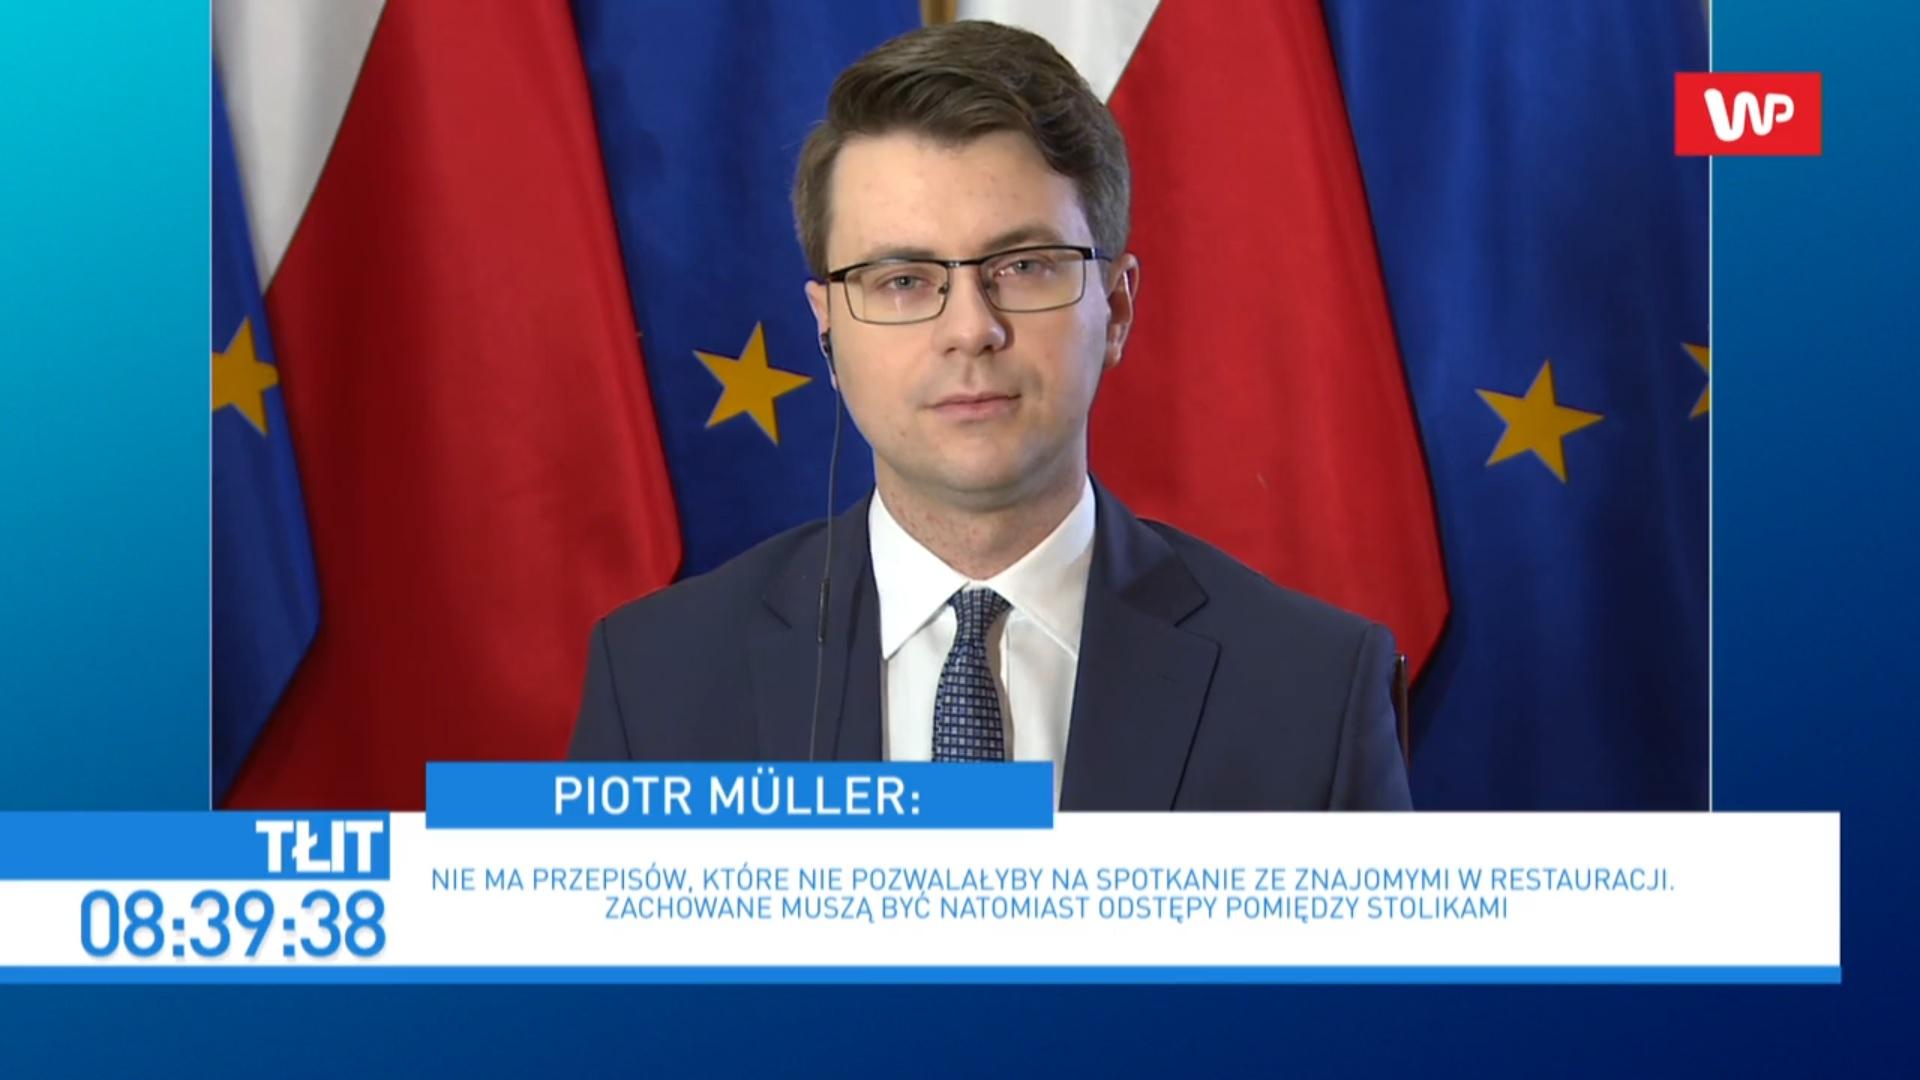 Termin kolejnego etapu odmrażania gospodarki ogłosimy prawdopodobnie  na przełomie tego i przyszłego tygodnia. Analizujemy bieżącą sytuację.  Przygotowujemy wytyczne i zalecenia dla branż, które będą mogły wkrótce  wrócić do swojej działalności - powiedział rzecznik rządu Piotr Müller.